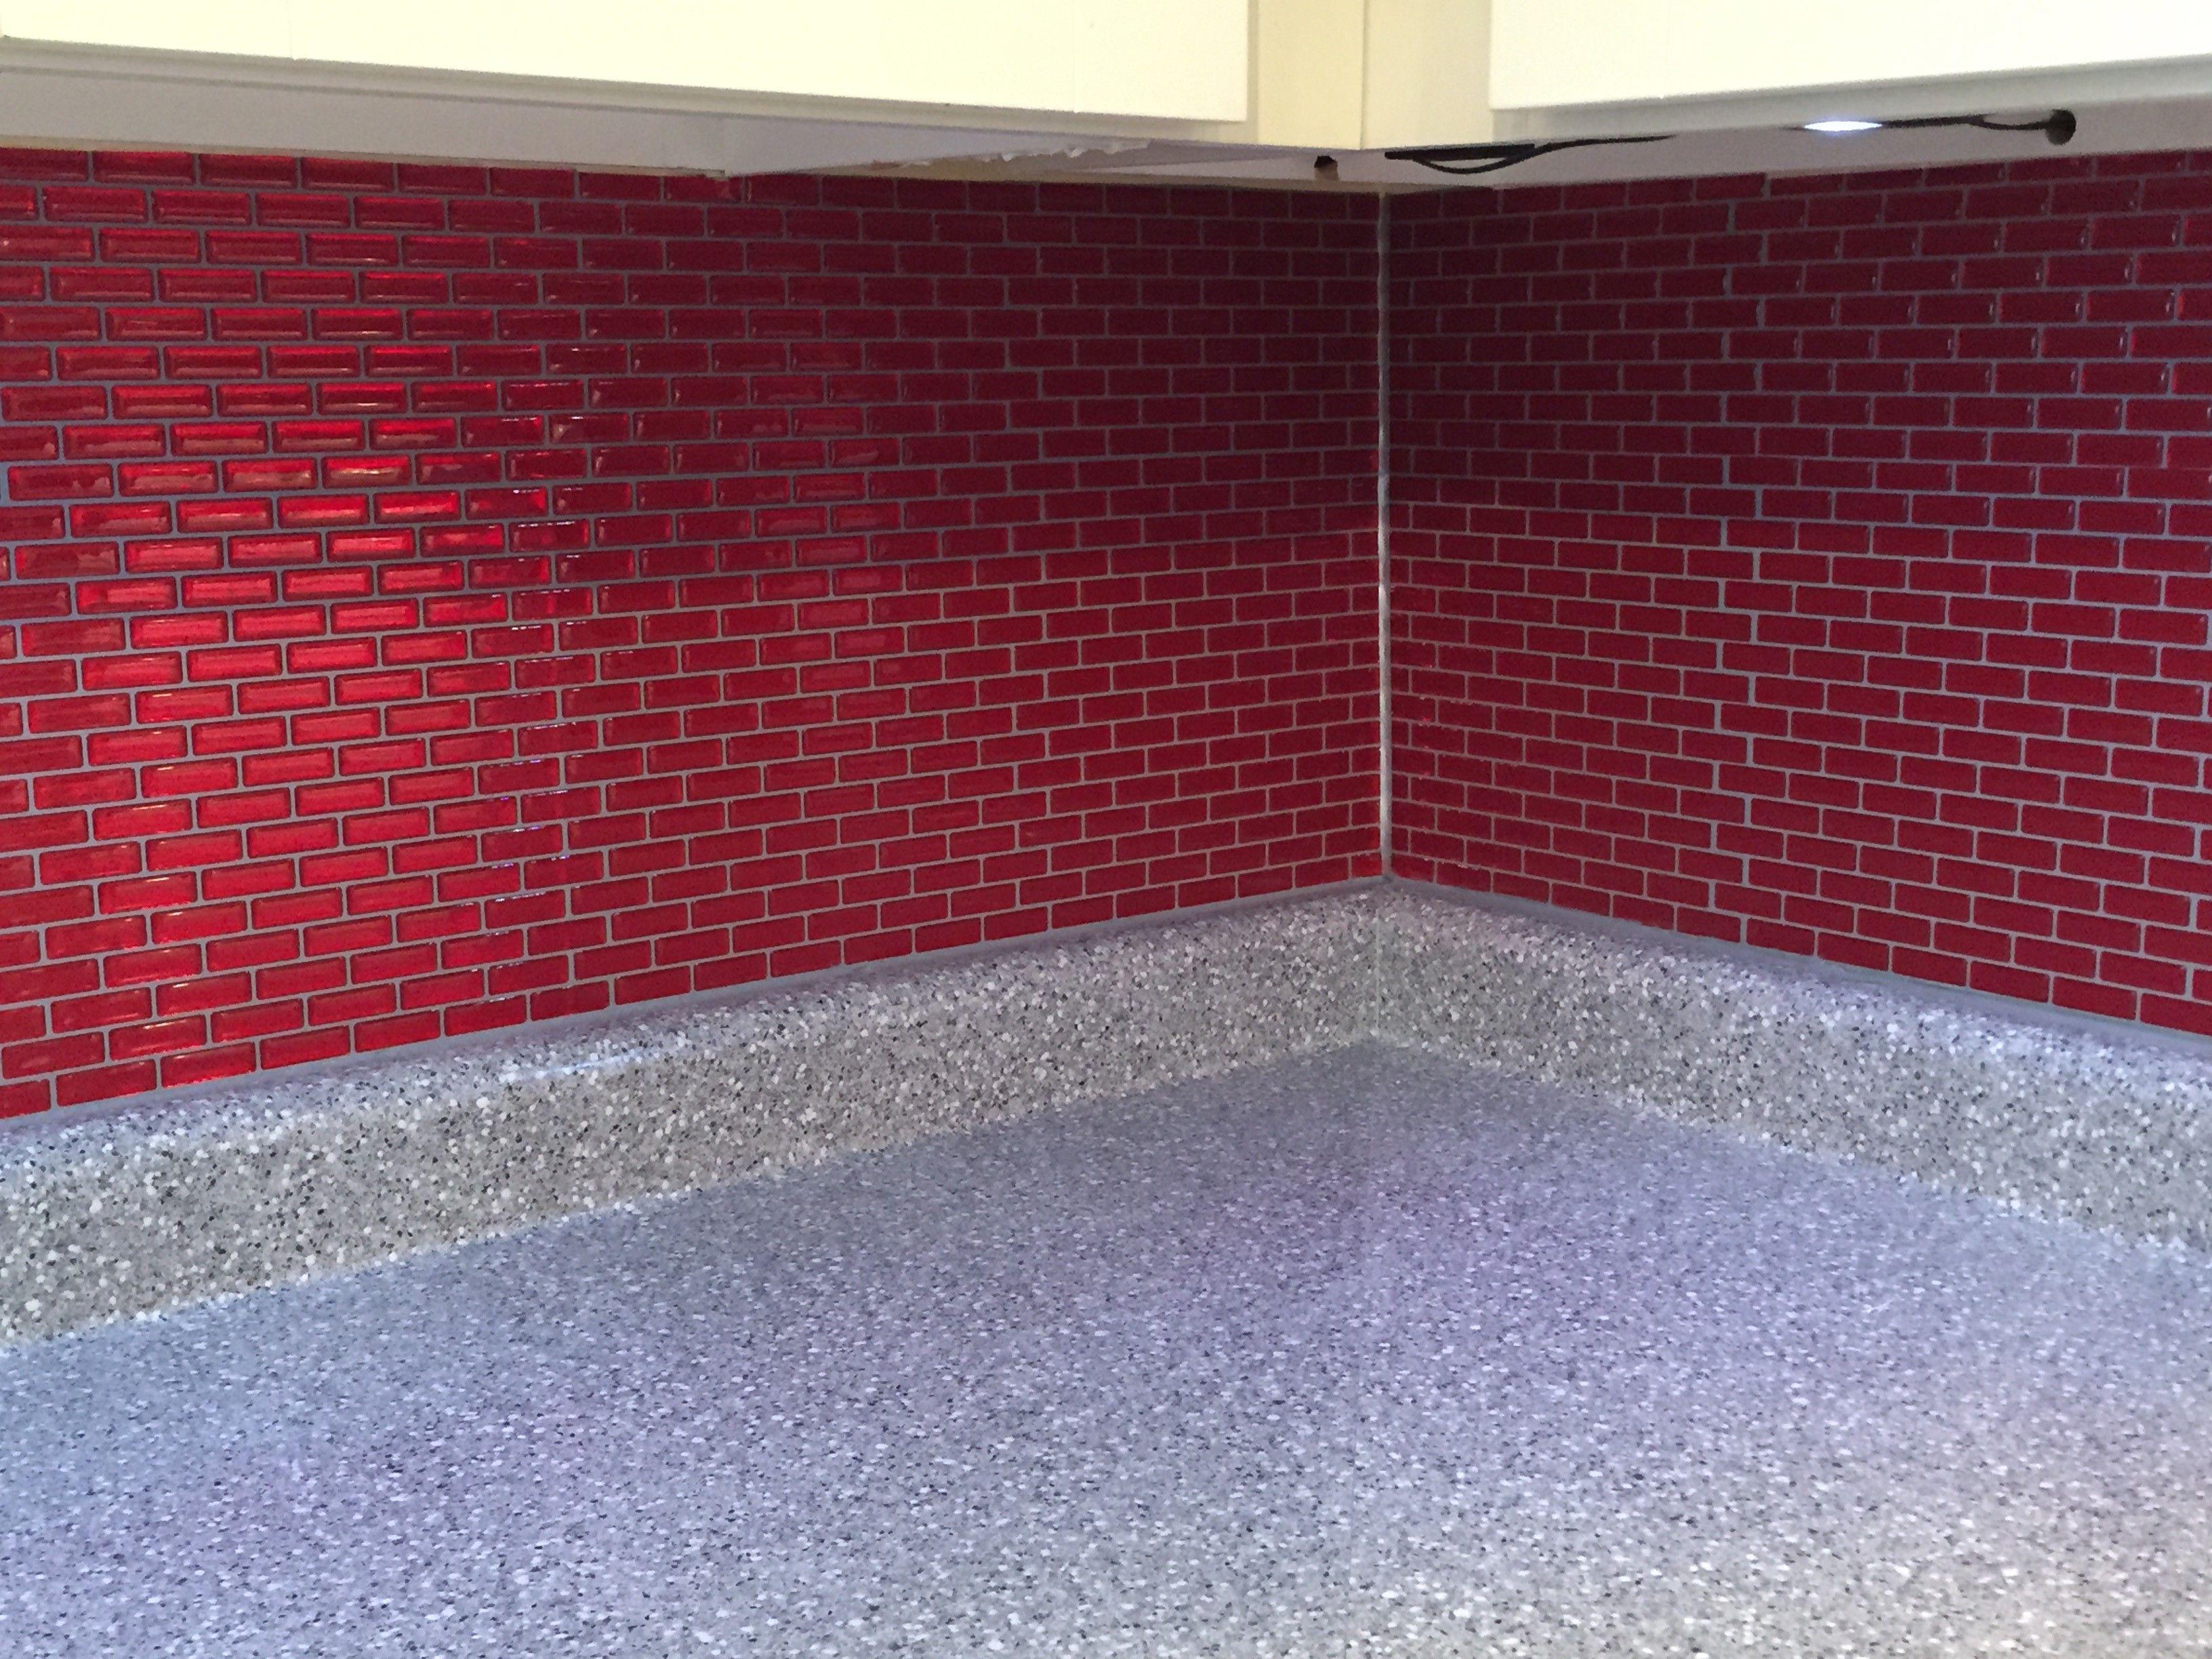 Le Projet Smart Tiles Est Complete Depuis Dimanche Tellement Heureuse Des Baguettes De Finition Autocollant Carrelage Mural Adhesif Carrelage Carrelage Mural